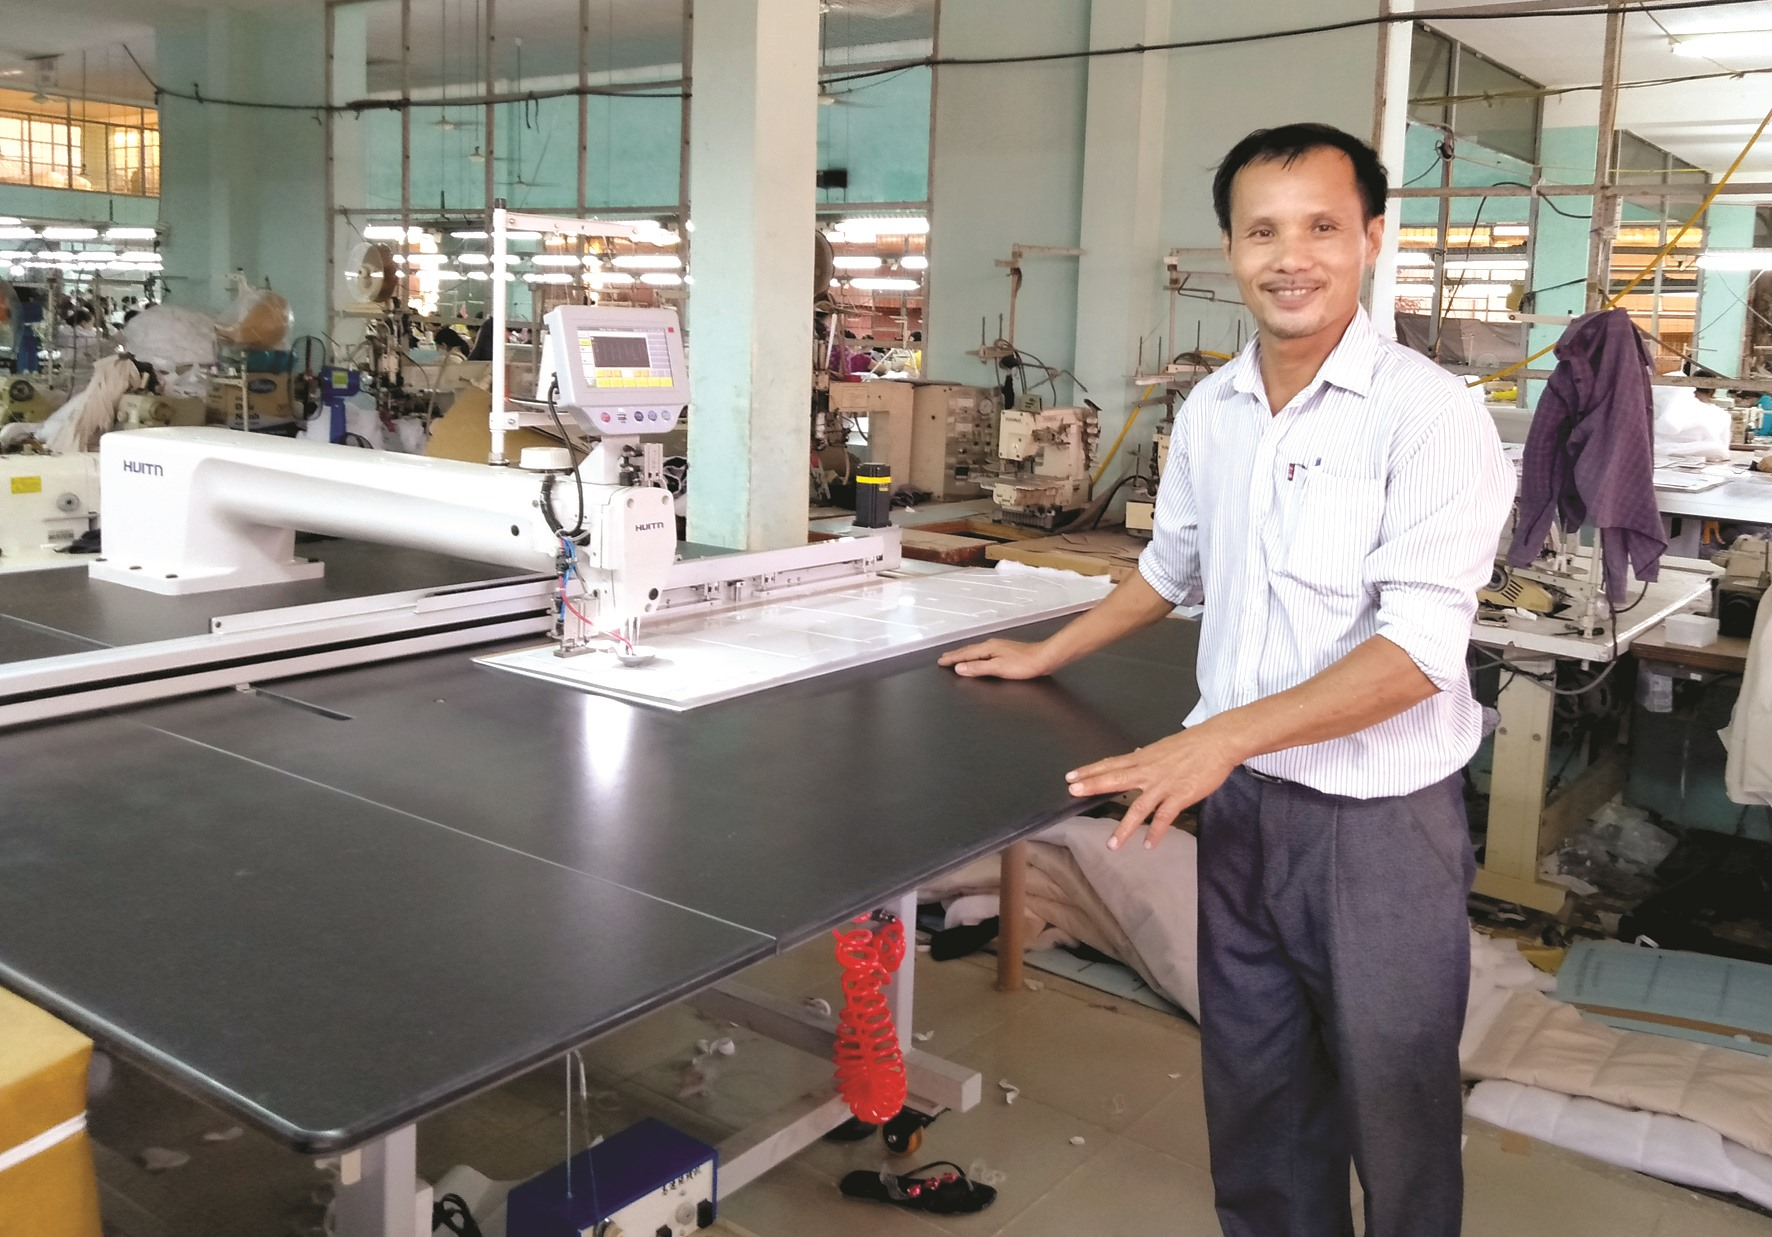 Nhiều sáng kiến kỹ thuật của anh Trần Văn Minh làm lợi hàng trăm triệu đồng cho công ty mỗi năm. Ảnh: M.V